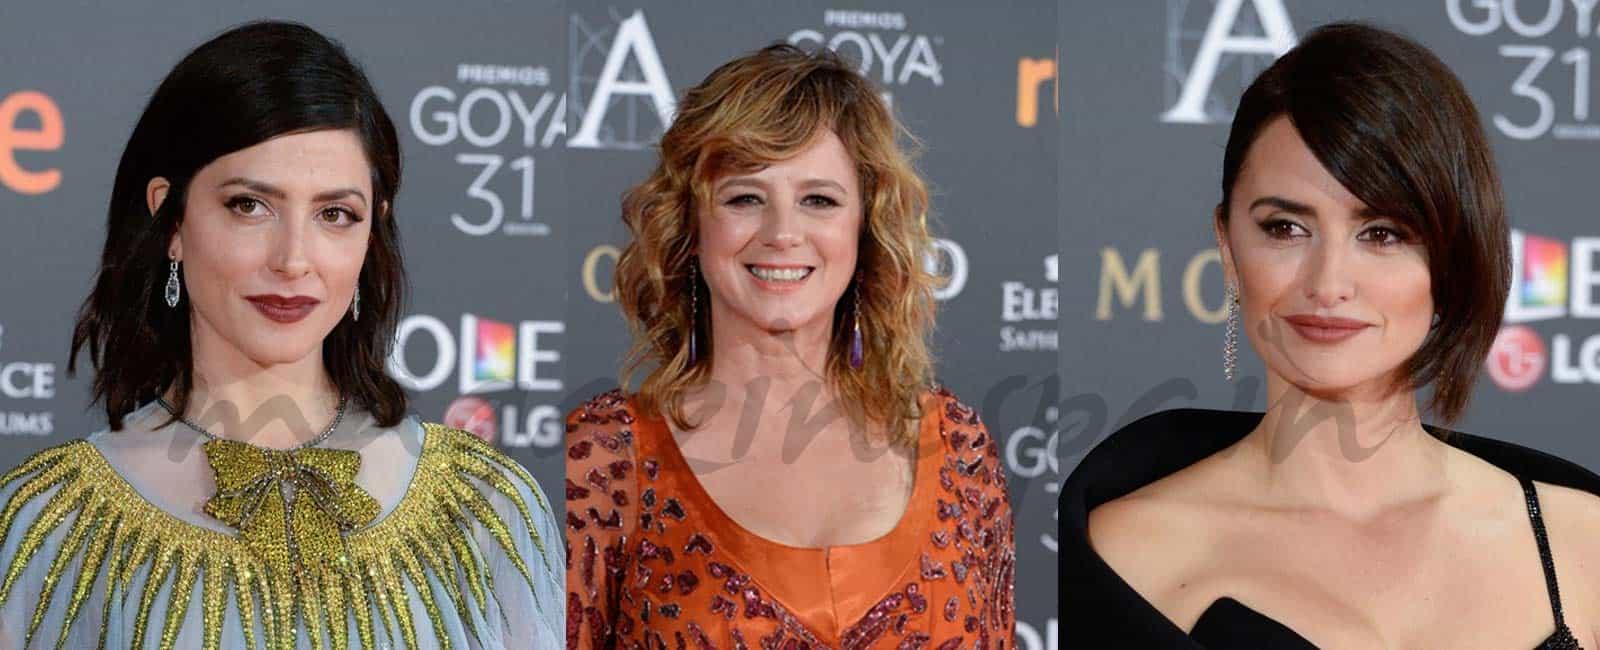 31º Premios Goya: Los beauty looks más impactantes